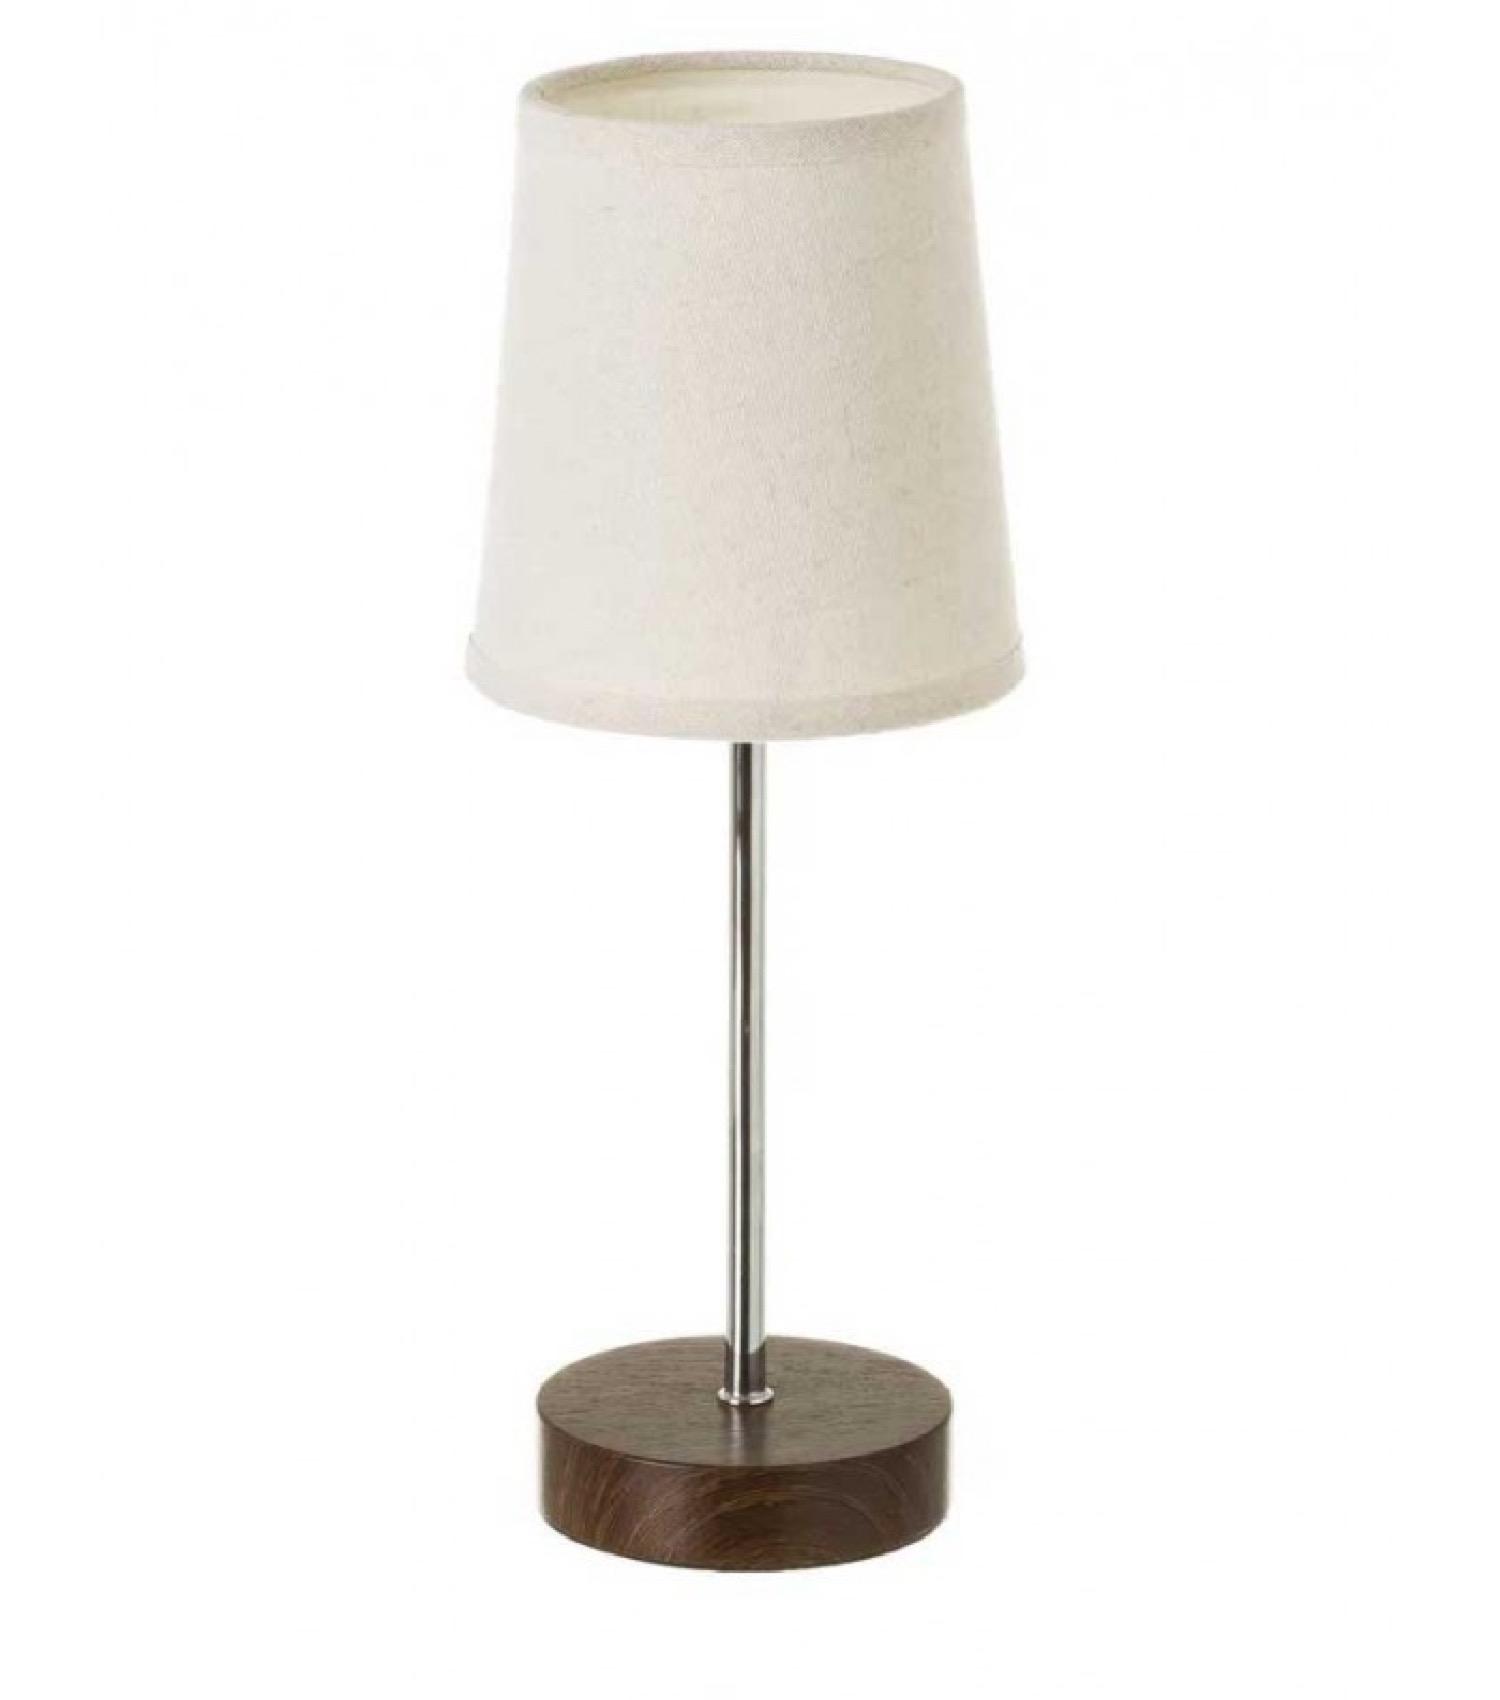 Lampe à poser bois foncé métal chromé et abat-jour beige